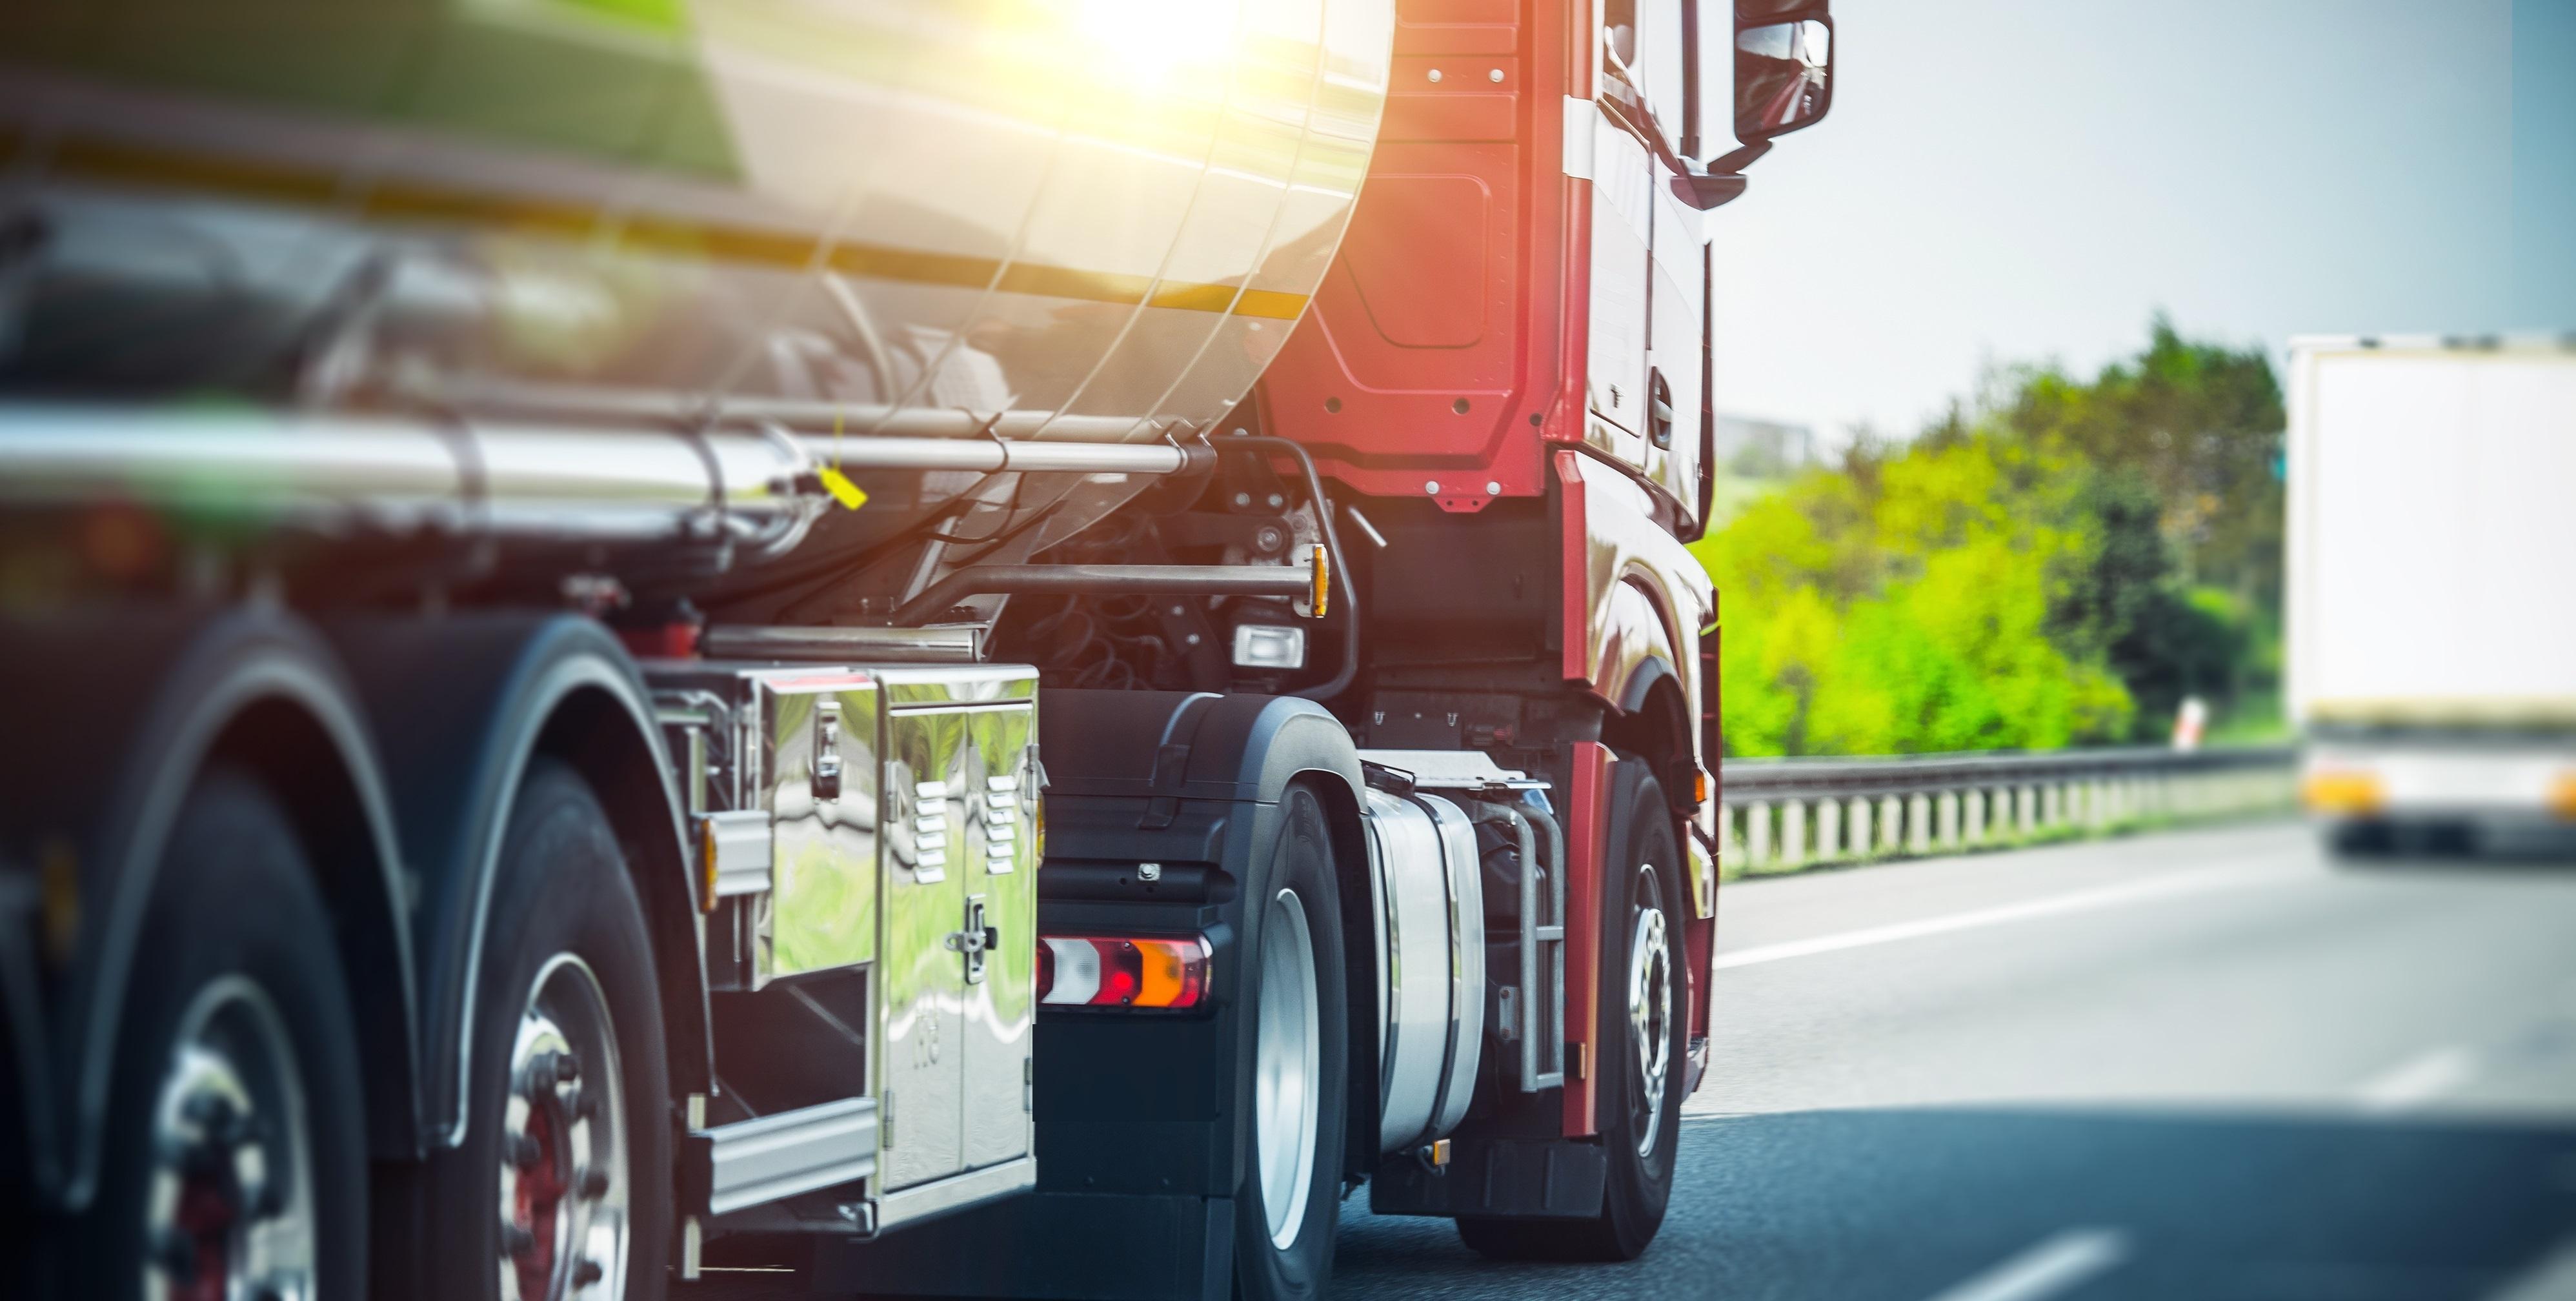 Euro Semi Truck on Highway